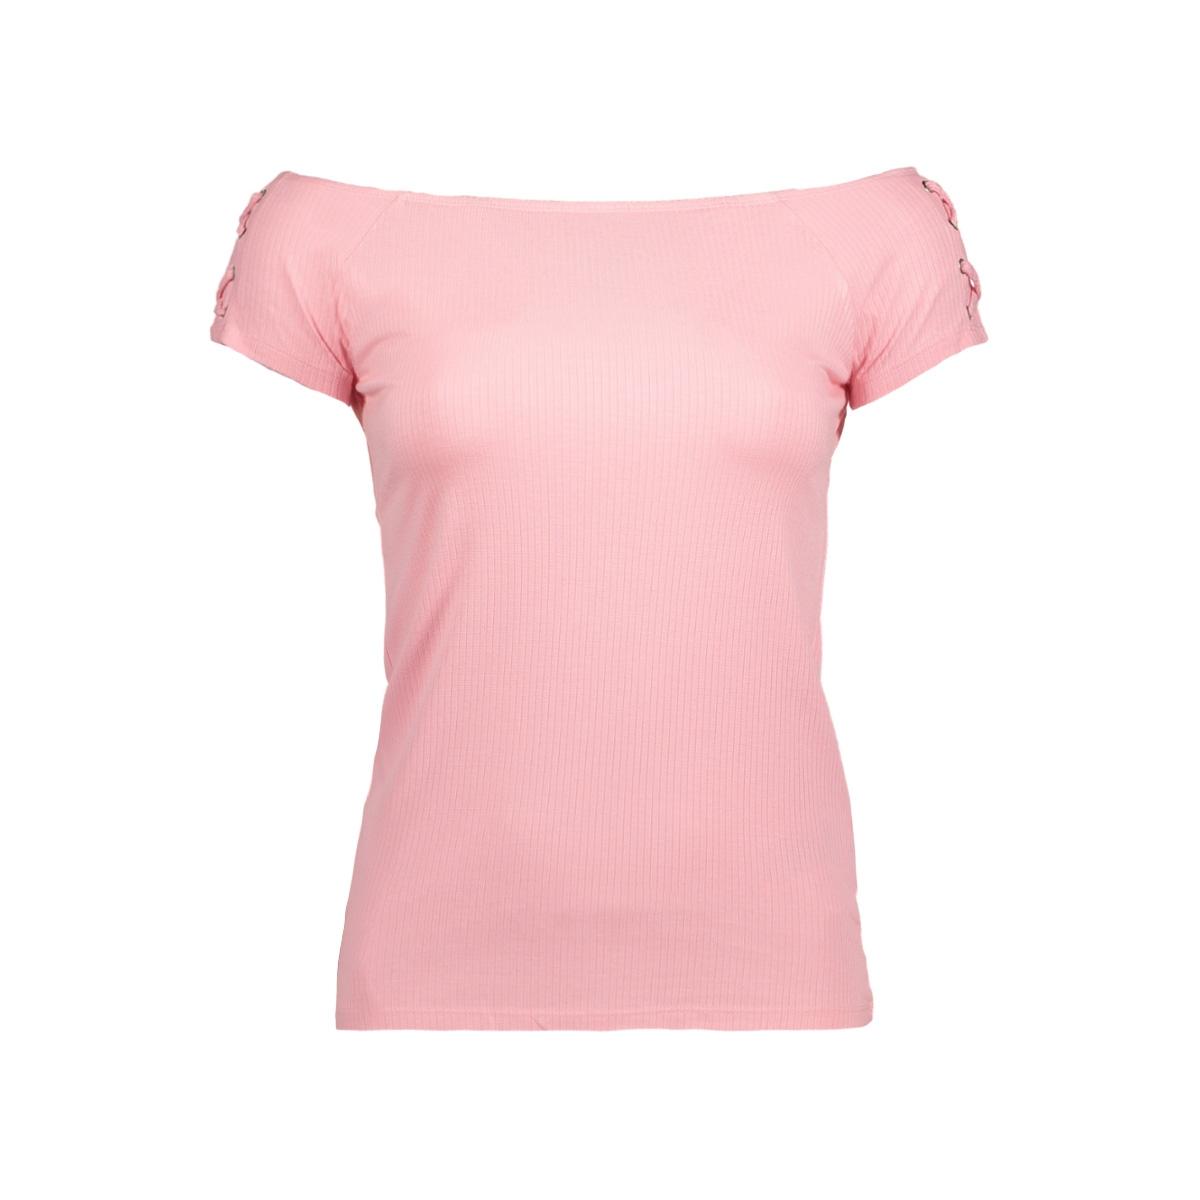 078cc1k011 edc t-shirt c670